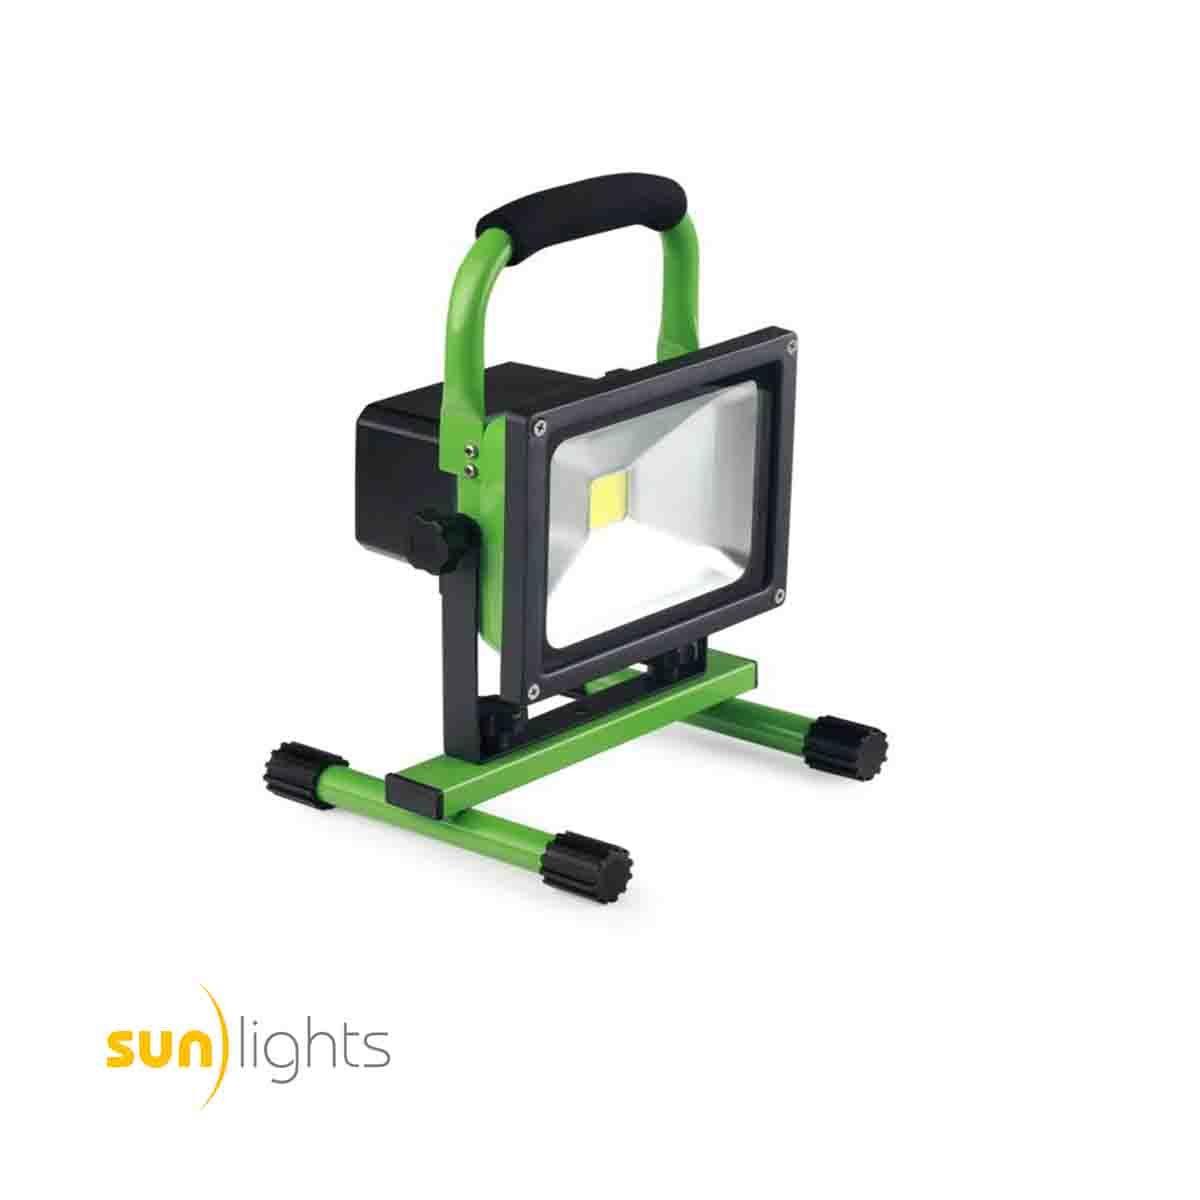 sunlights led akku baustrahler 20w 1800lm stufenlos dimmbar gr n entspricht etwa 150w led. Black Bedroom Furniture Sets. Home Design Ideas